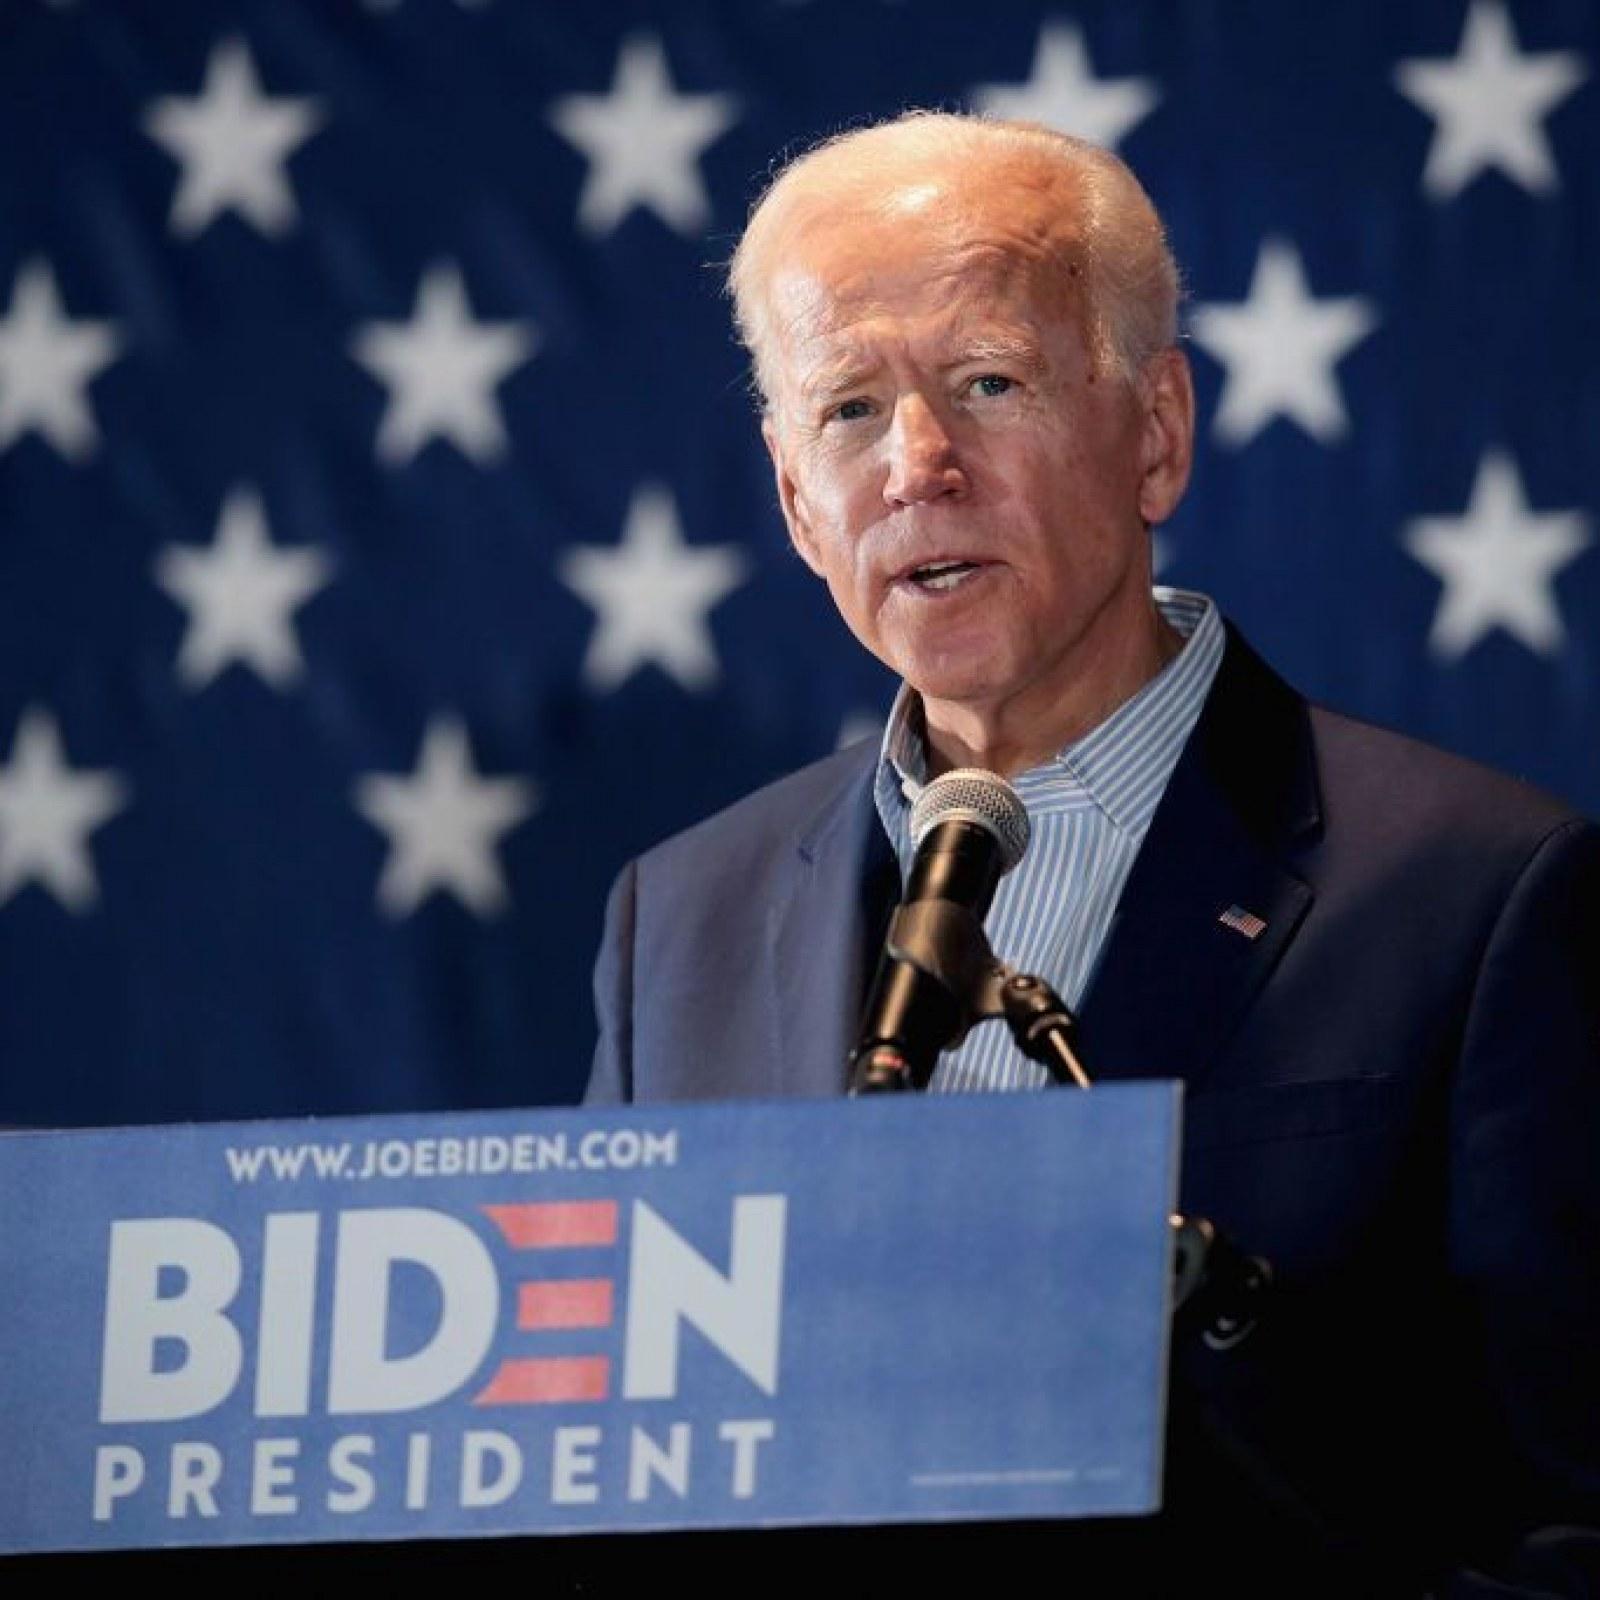 Joe Biden Gives Donald Trump 'Clown' Nickname, Says 'S O B